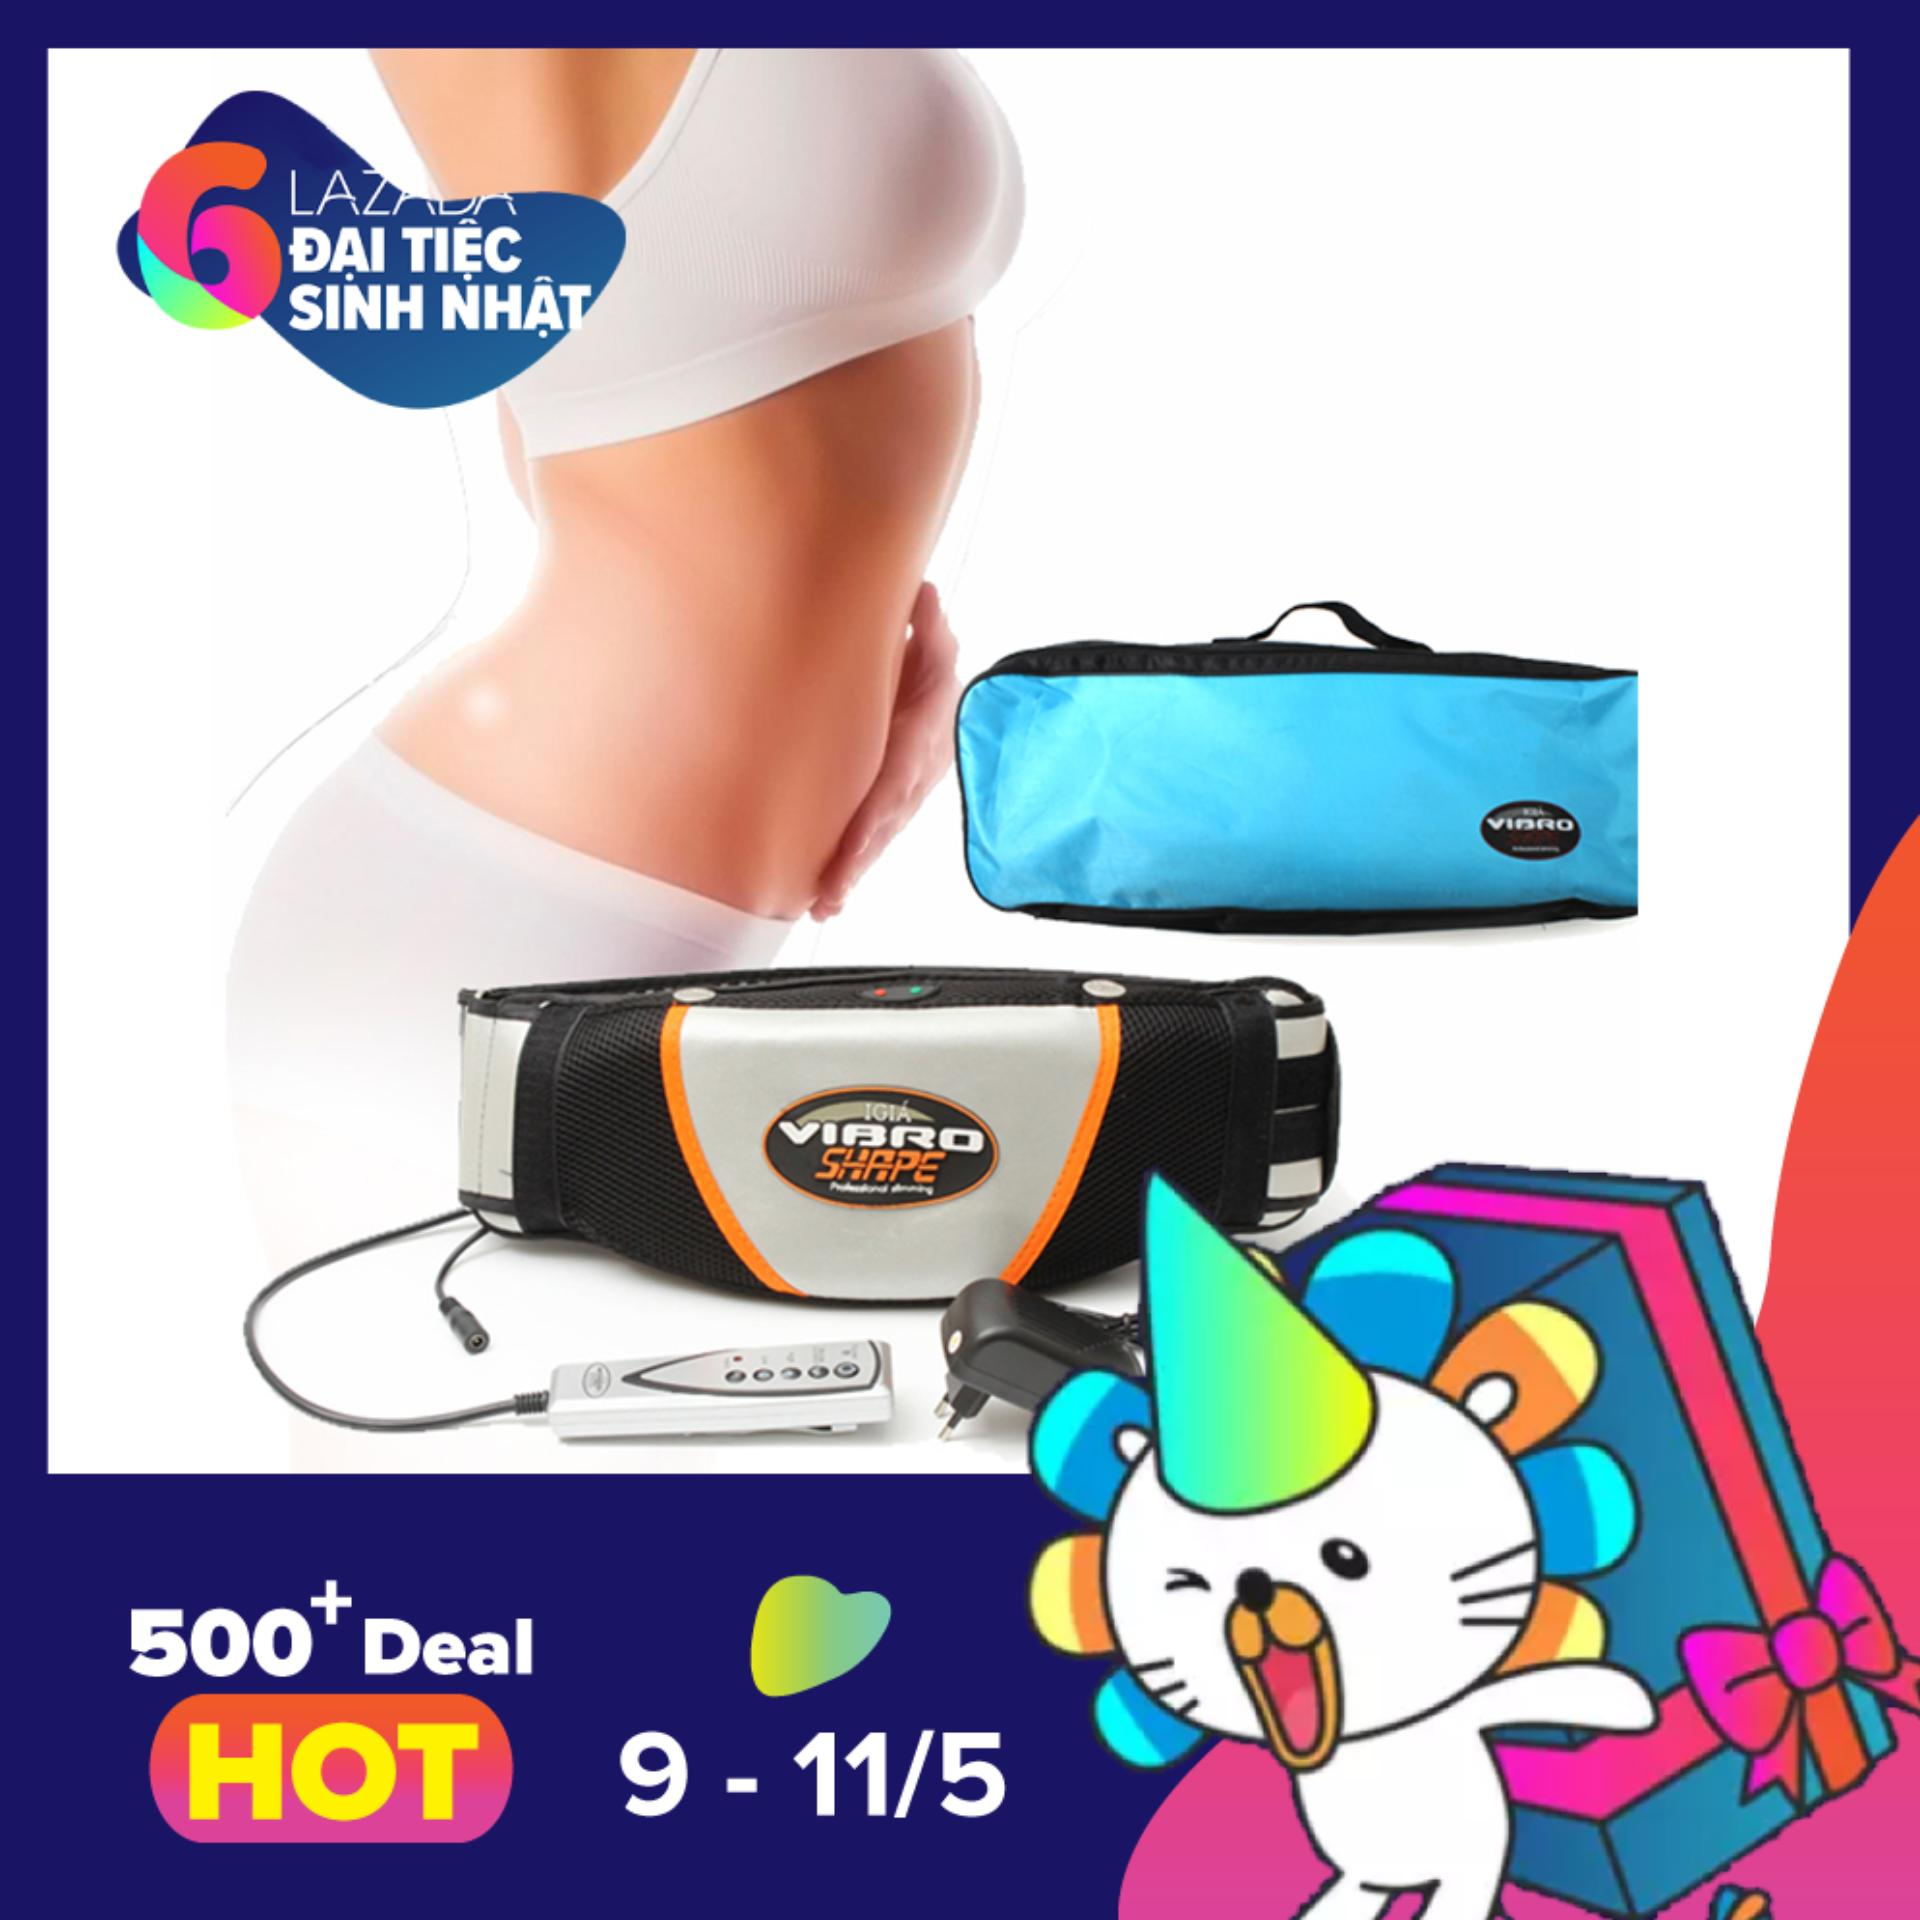 Đai Massage Nóng Và Rung Vibro Shape đặc trị mỡ bụng (Đen) - Kmart